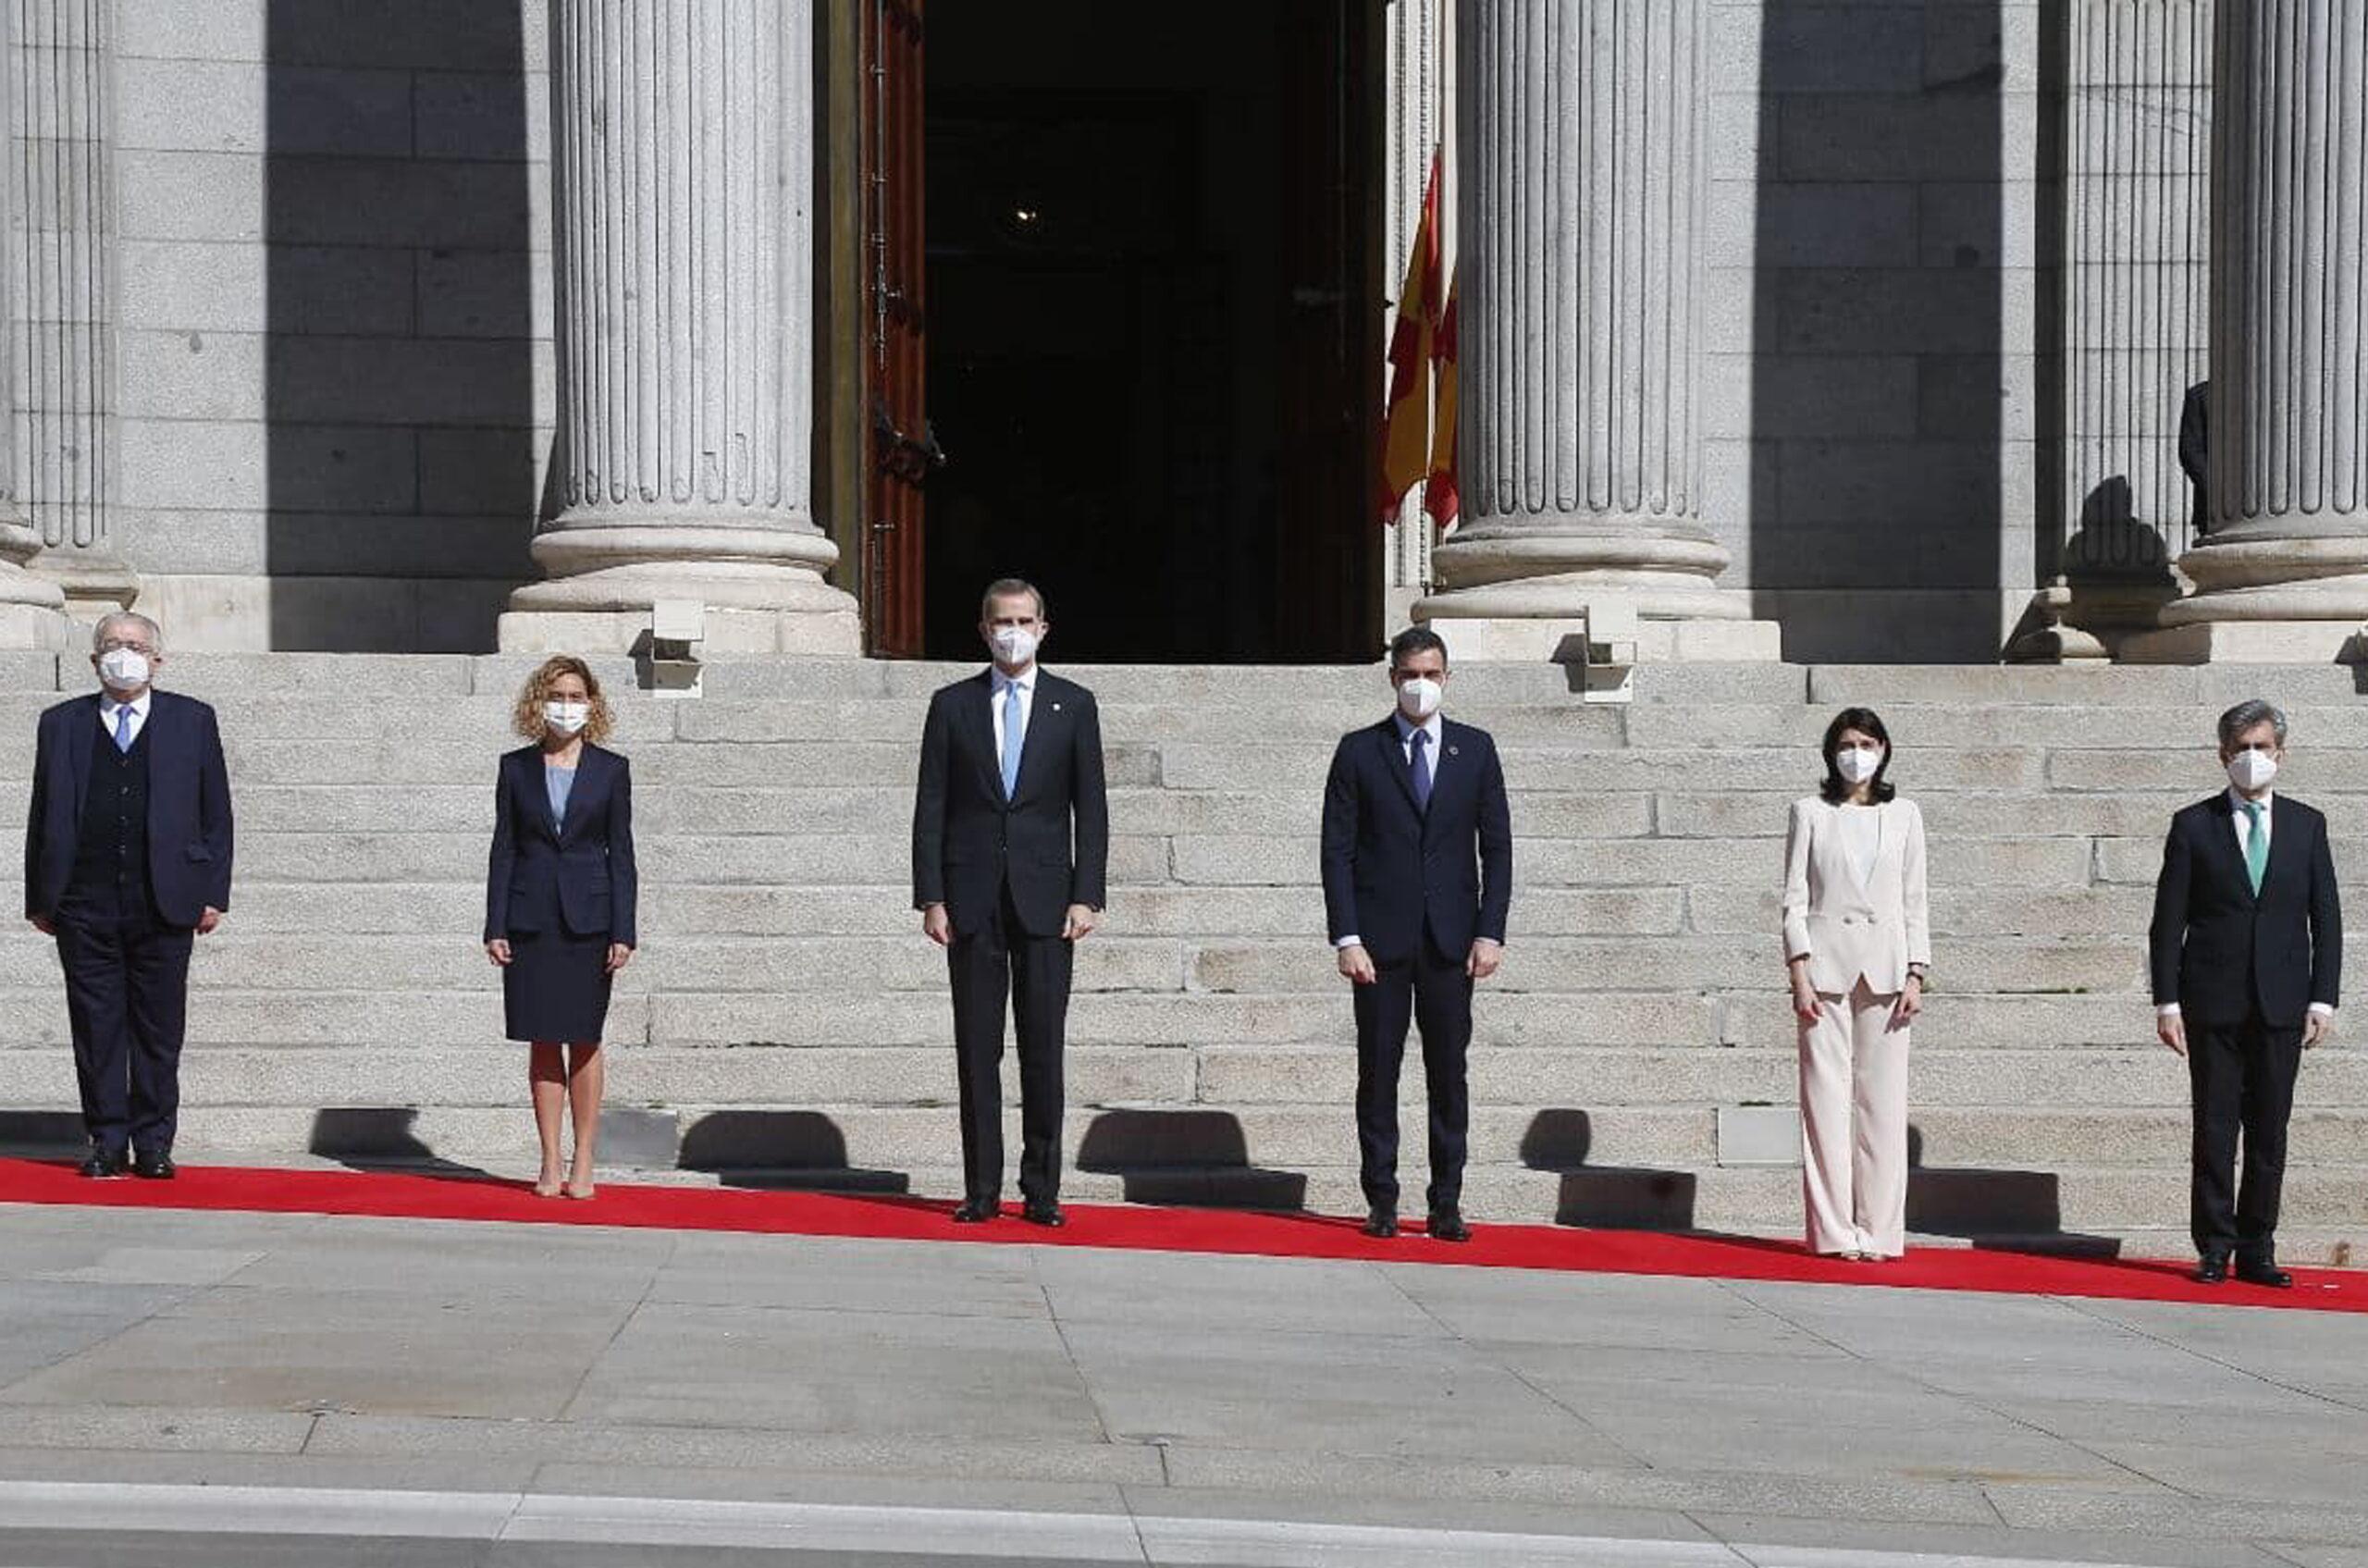 Els presidents del TC, Juan José González; el Congrés dels Diputats, Meritxell Batet; el govern espanyol, Pedro Sánchez; el Senat, Pilar Llop, i el CGPJ, Carlos Lesmes, amb Felip VI | ACN